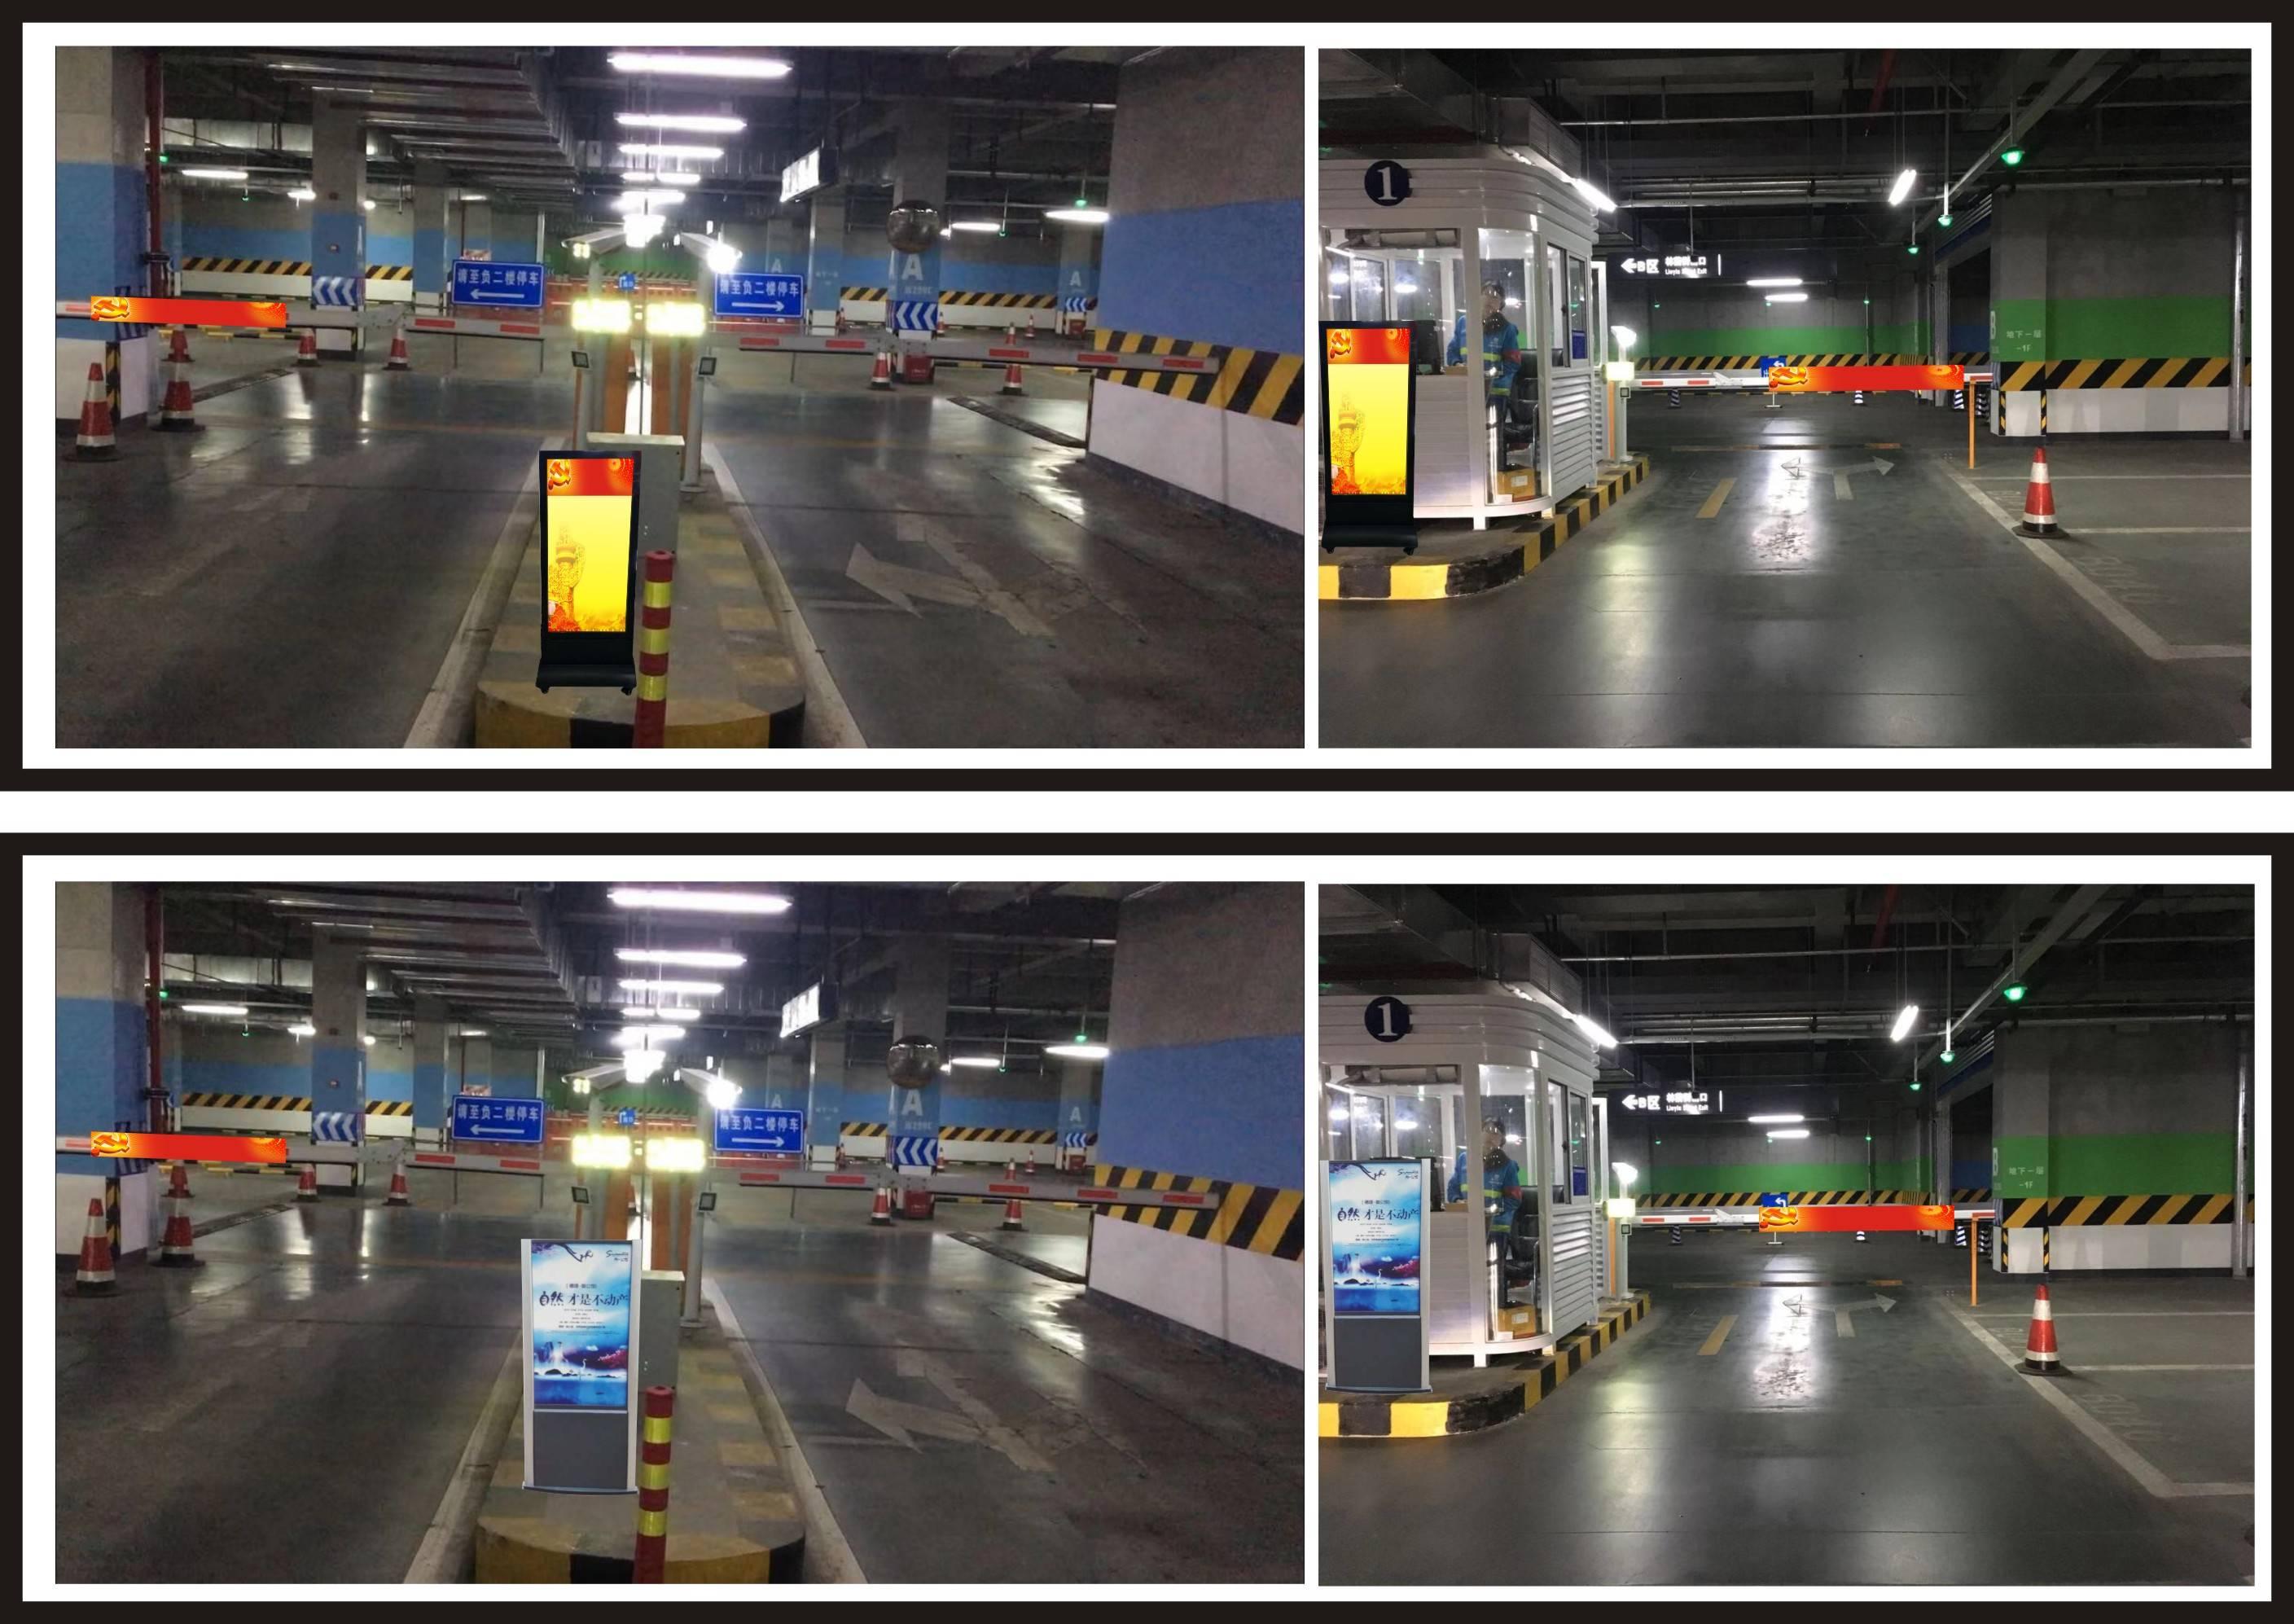 成都东站高铁站/客运站超大型地下停车场道闸广告招租(投放:月)